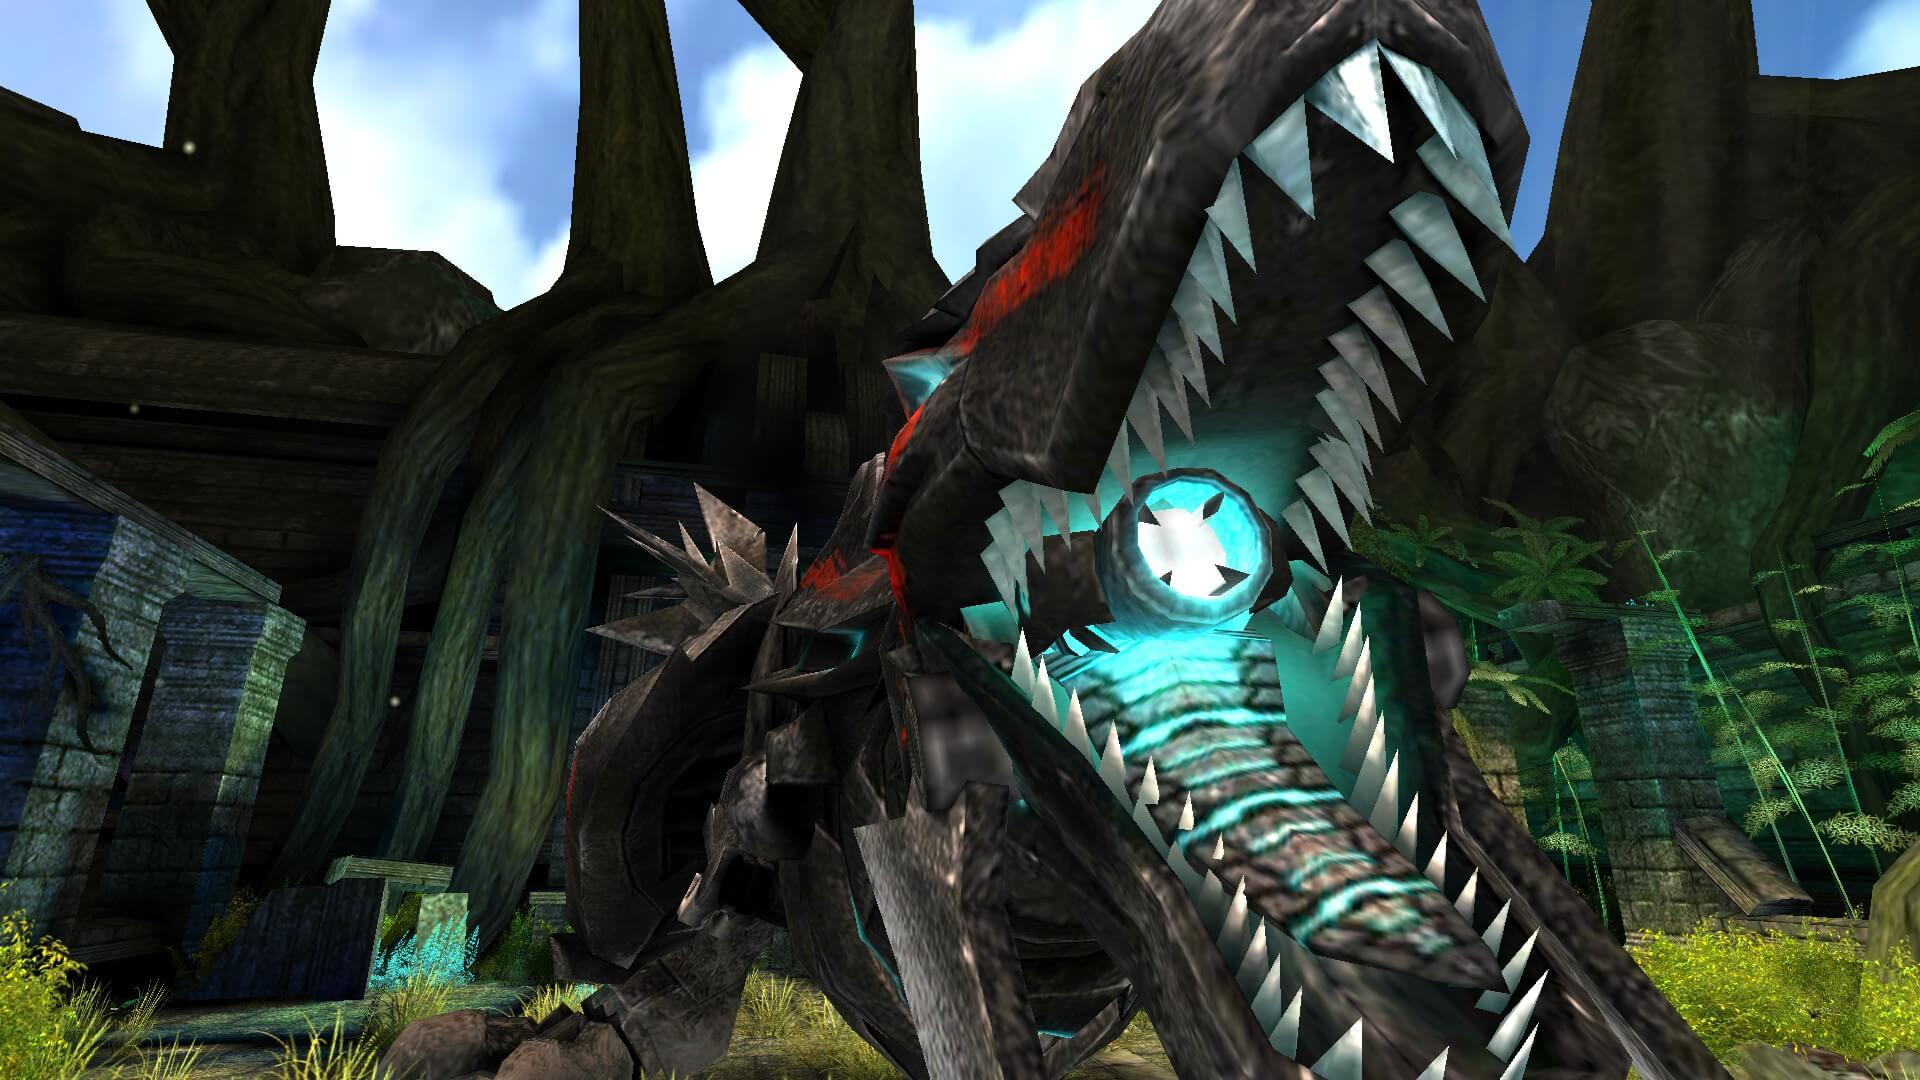 巨大なメカ恐竜が表示されています。